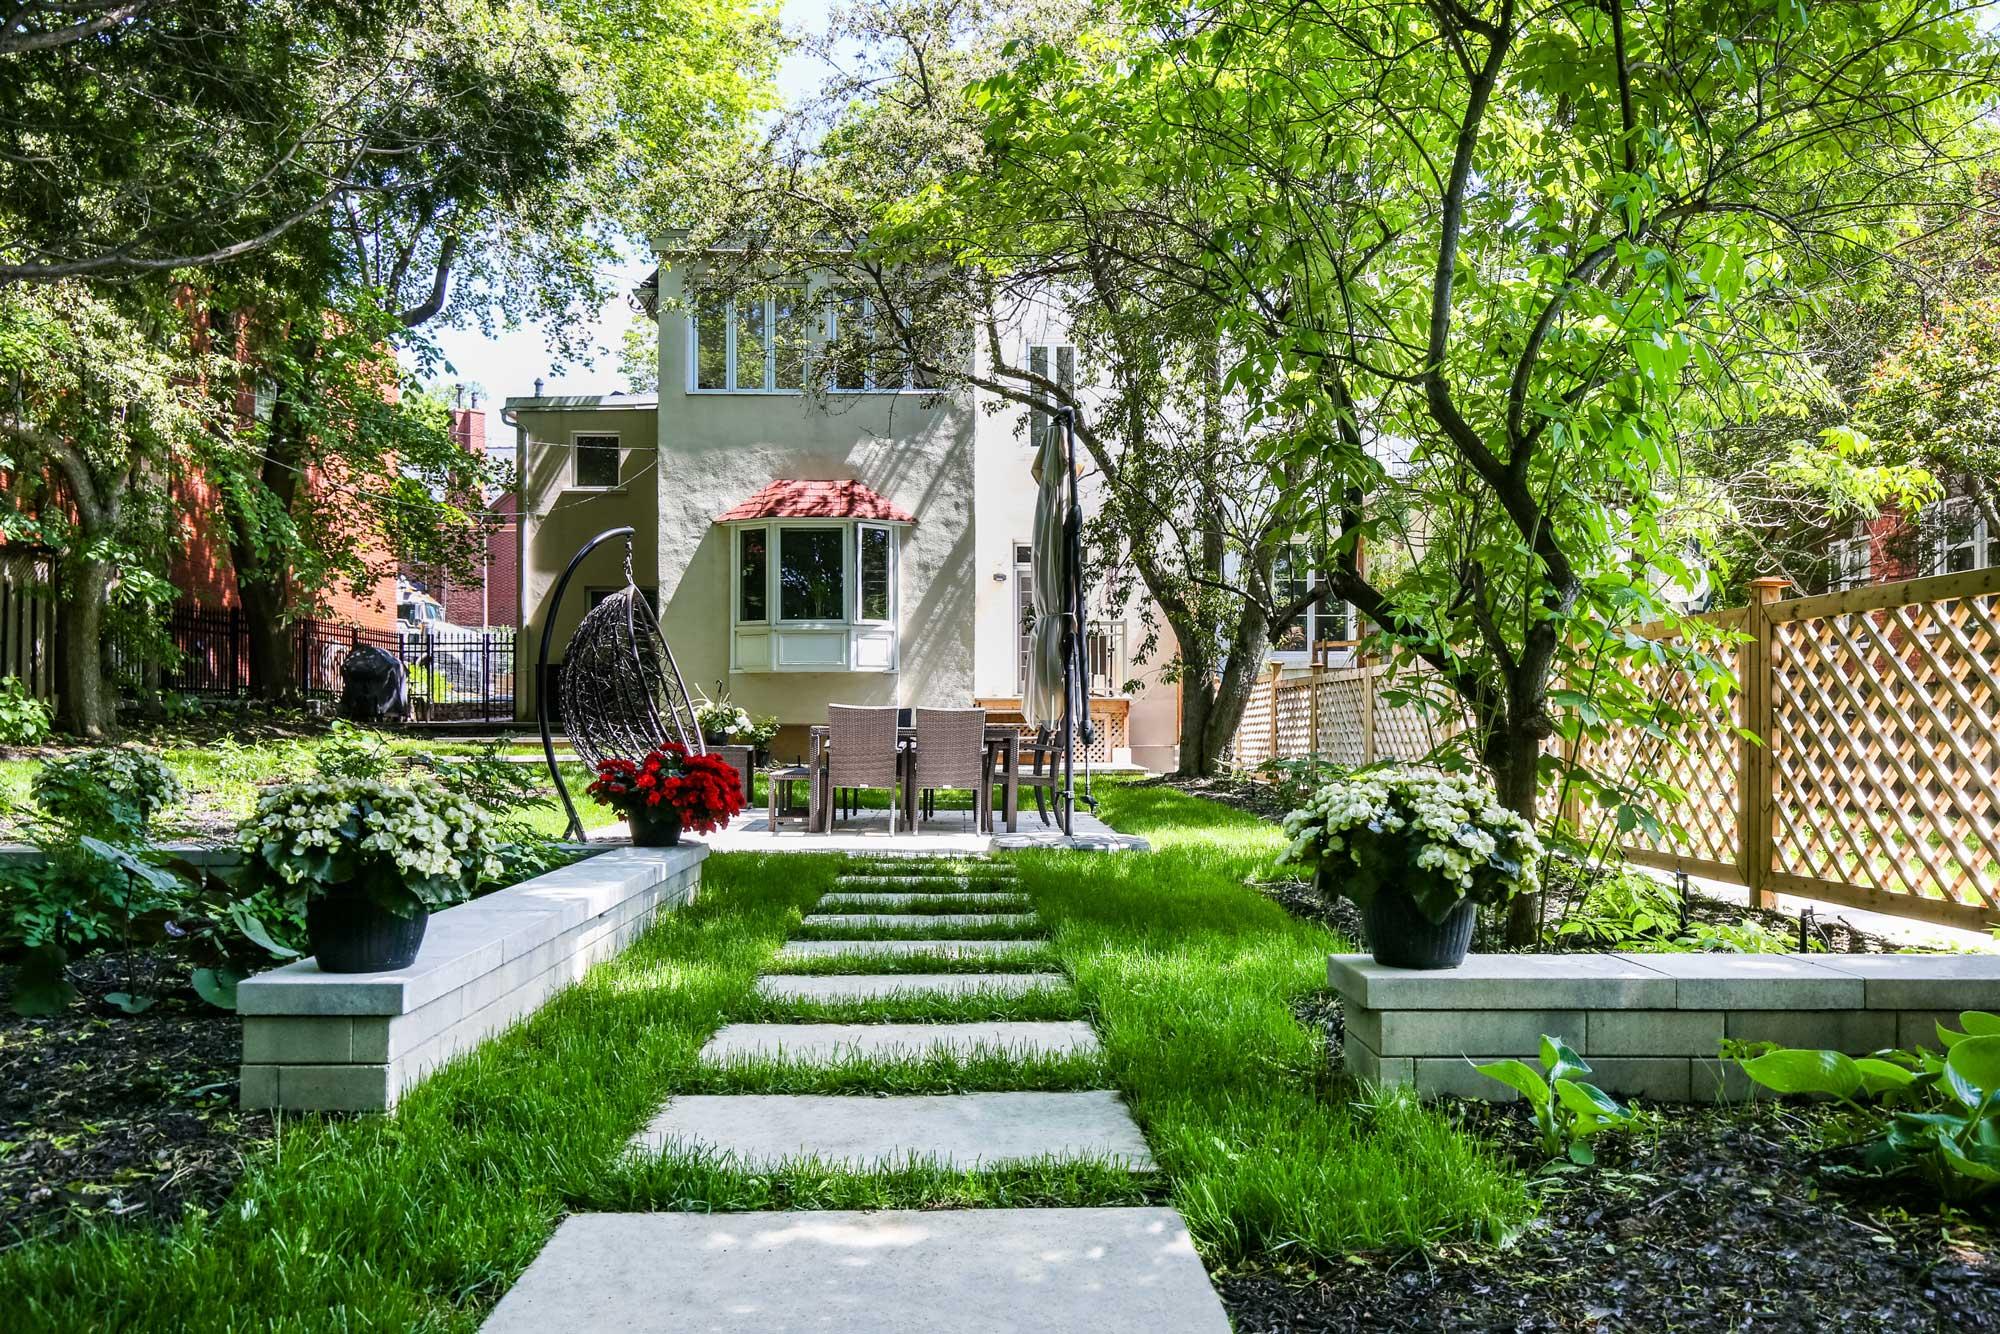 aménagement extérieur d'une cour arrière avec terrasse, table, dalles de jardin en béton et clôture en bois